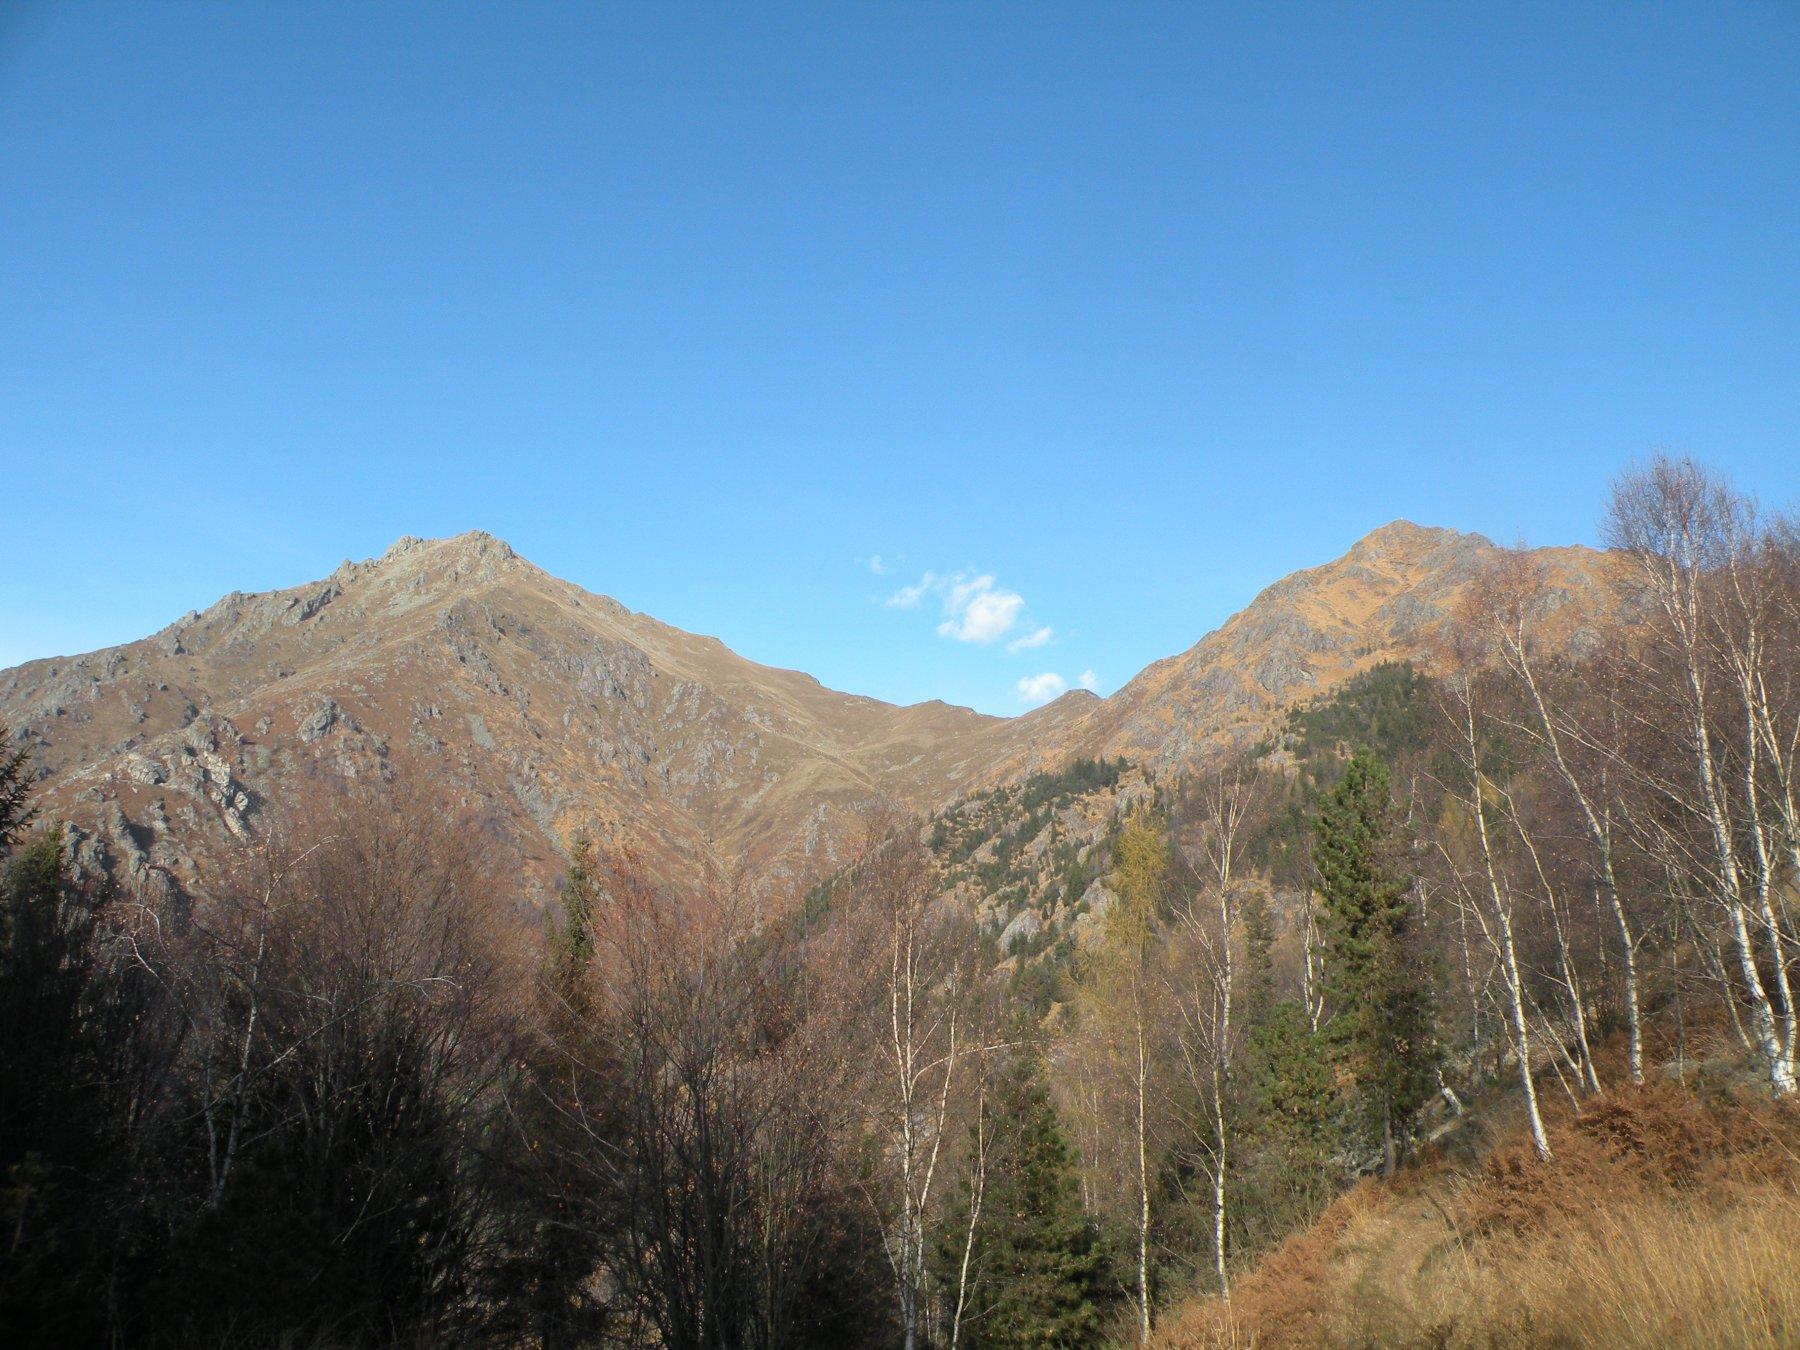 Barone di Coggiola (Monte) da le Piane, anello per Monte Gemevola, Punta Pissavacca, Rifugio Monte Barone 2015-11-29